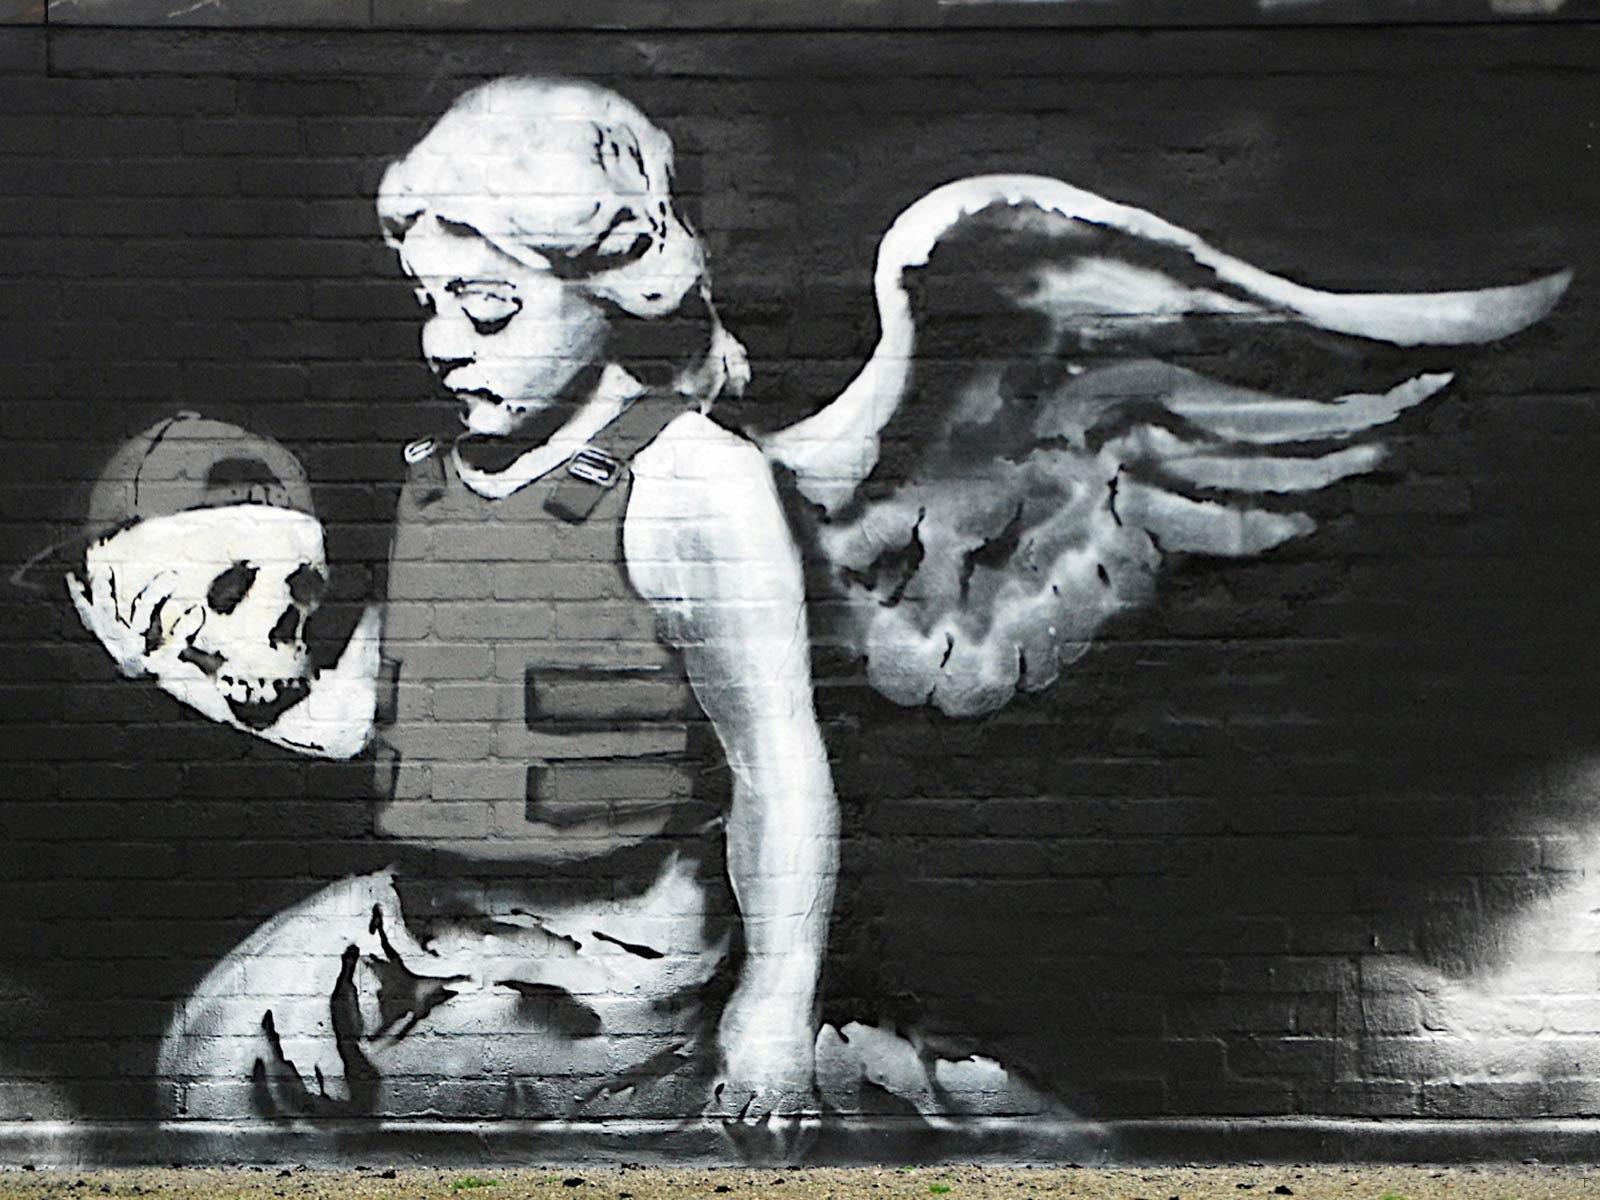 http://2.bp.blogspot.com/-0Hybtdb-hv4/TrtlZBRDZxI/AAAAAAAAAH4/8MaRdUJbprI/s1600/Creative_Wallpaper_Angel_Banksy_025599_.jpg